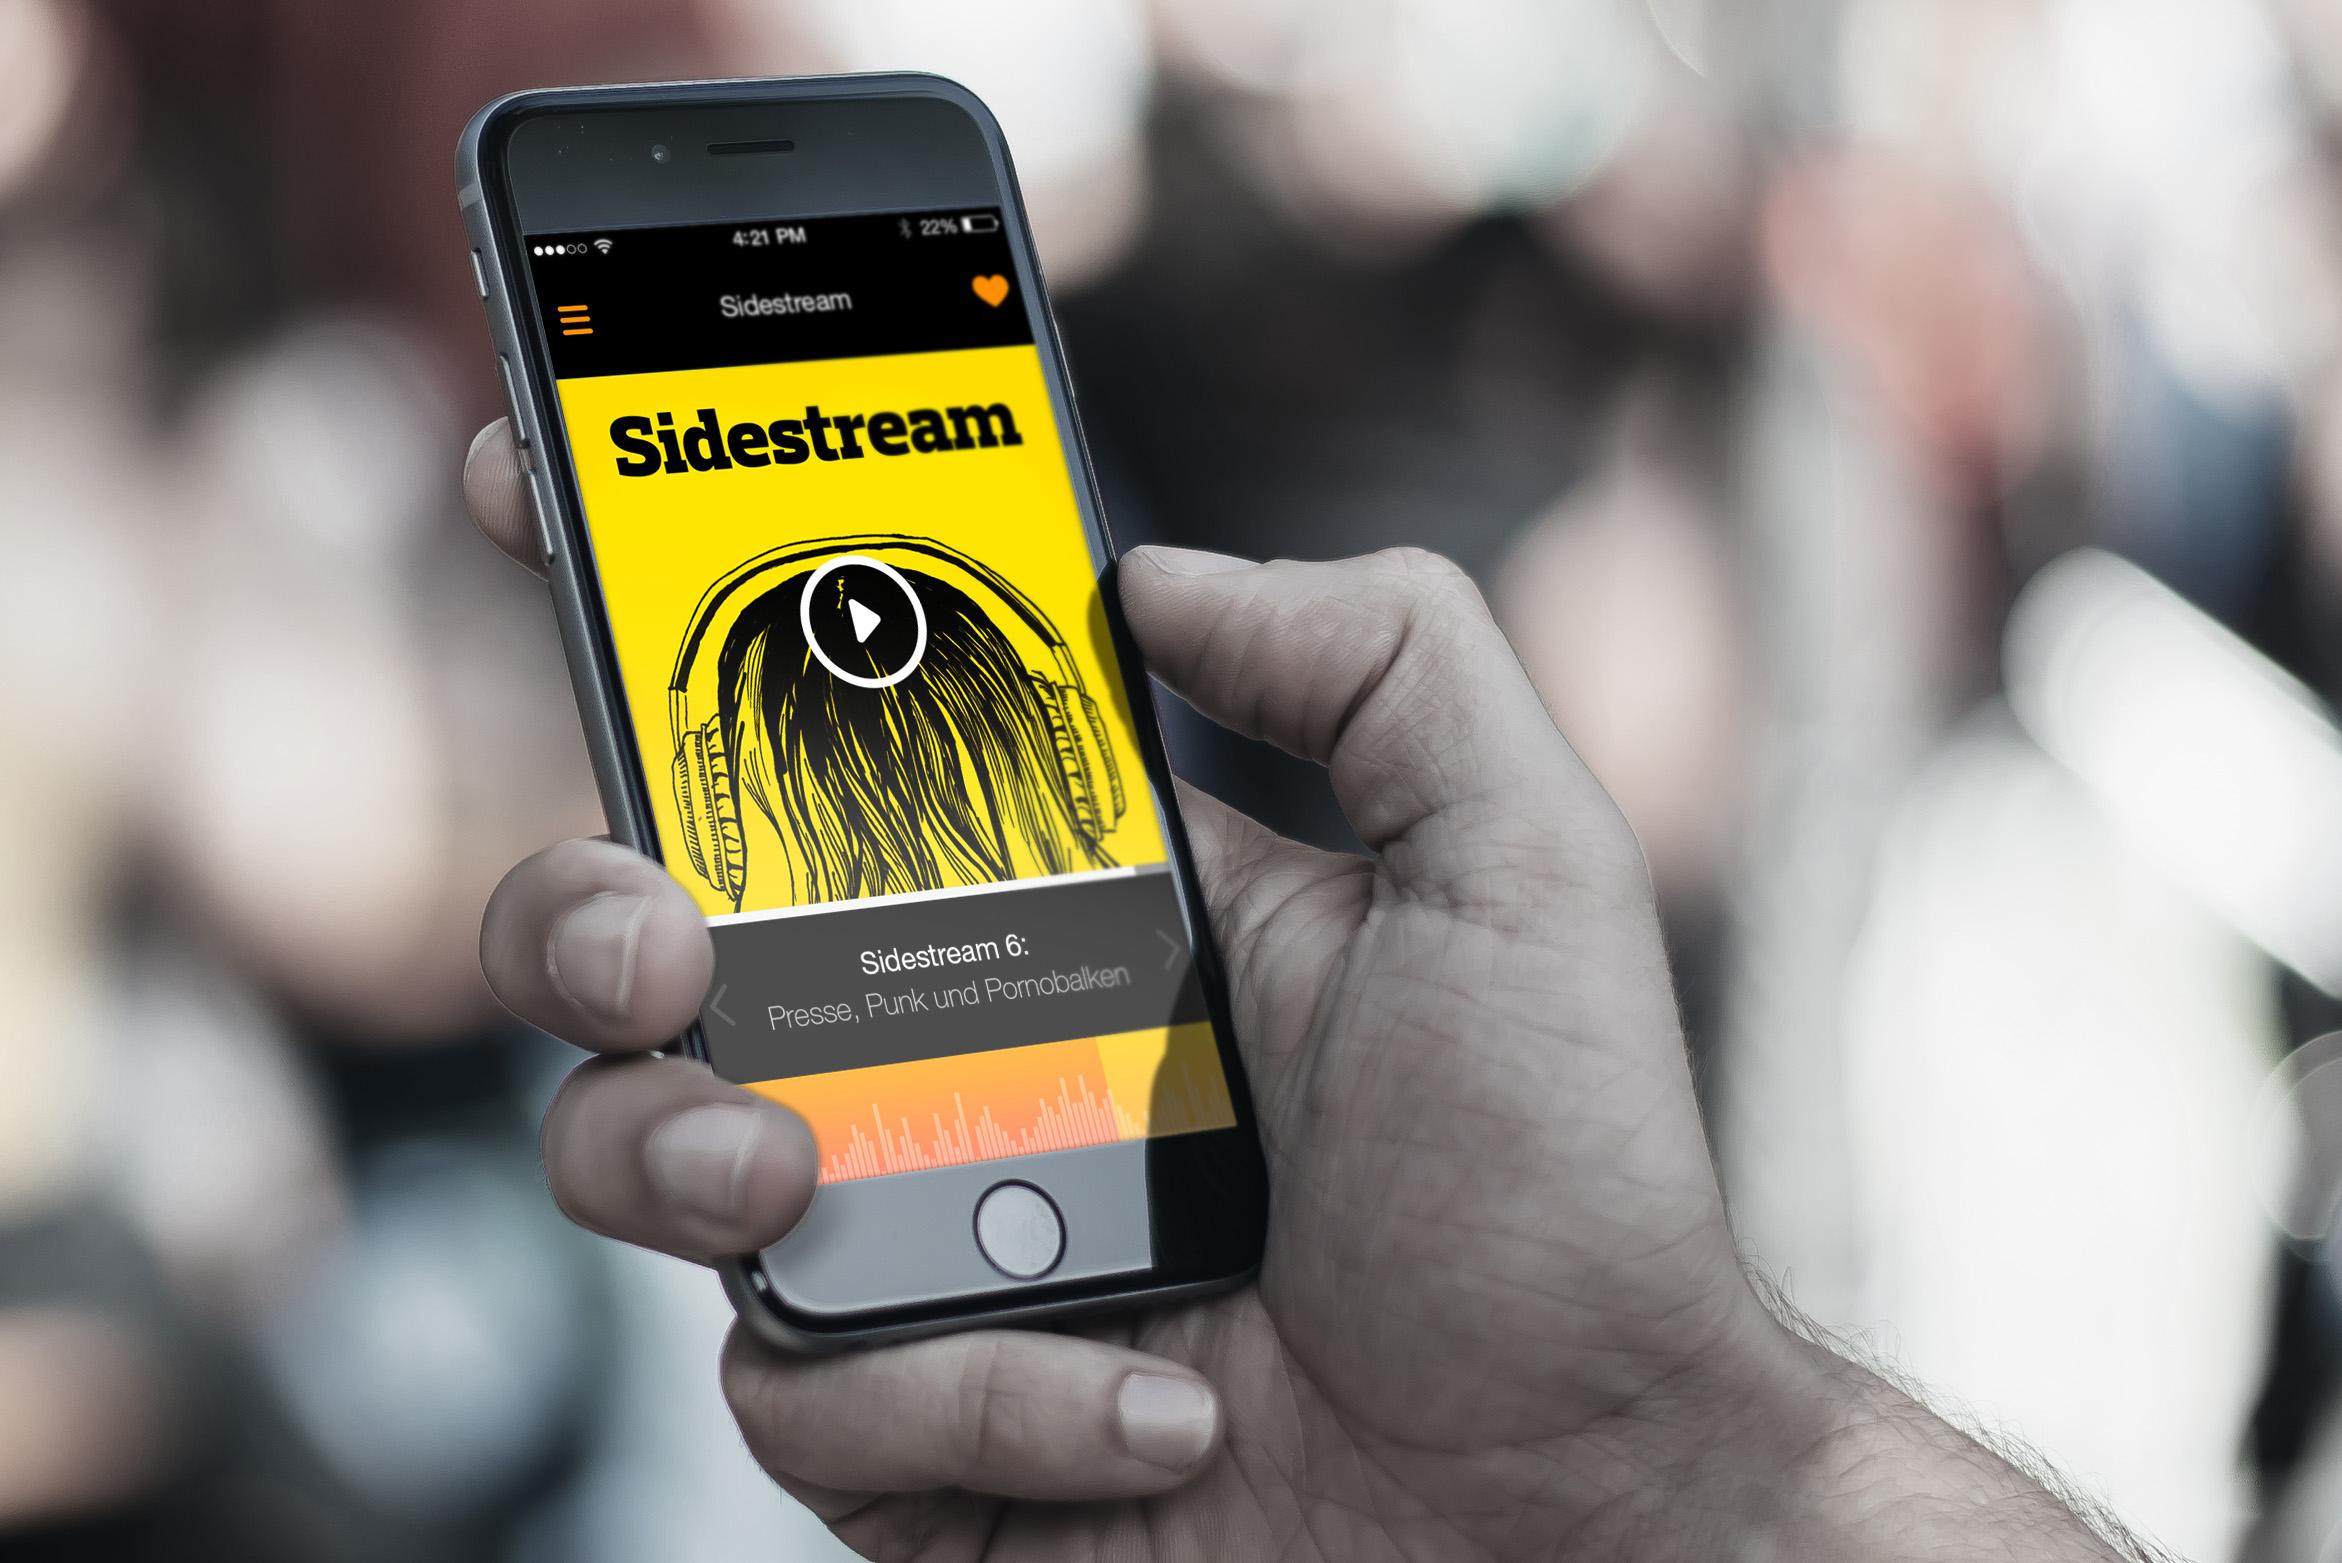 Sidestream_MusicPlayerPhone.jpg